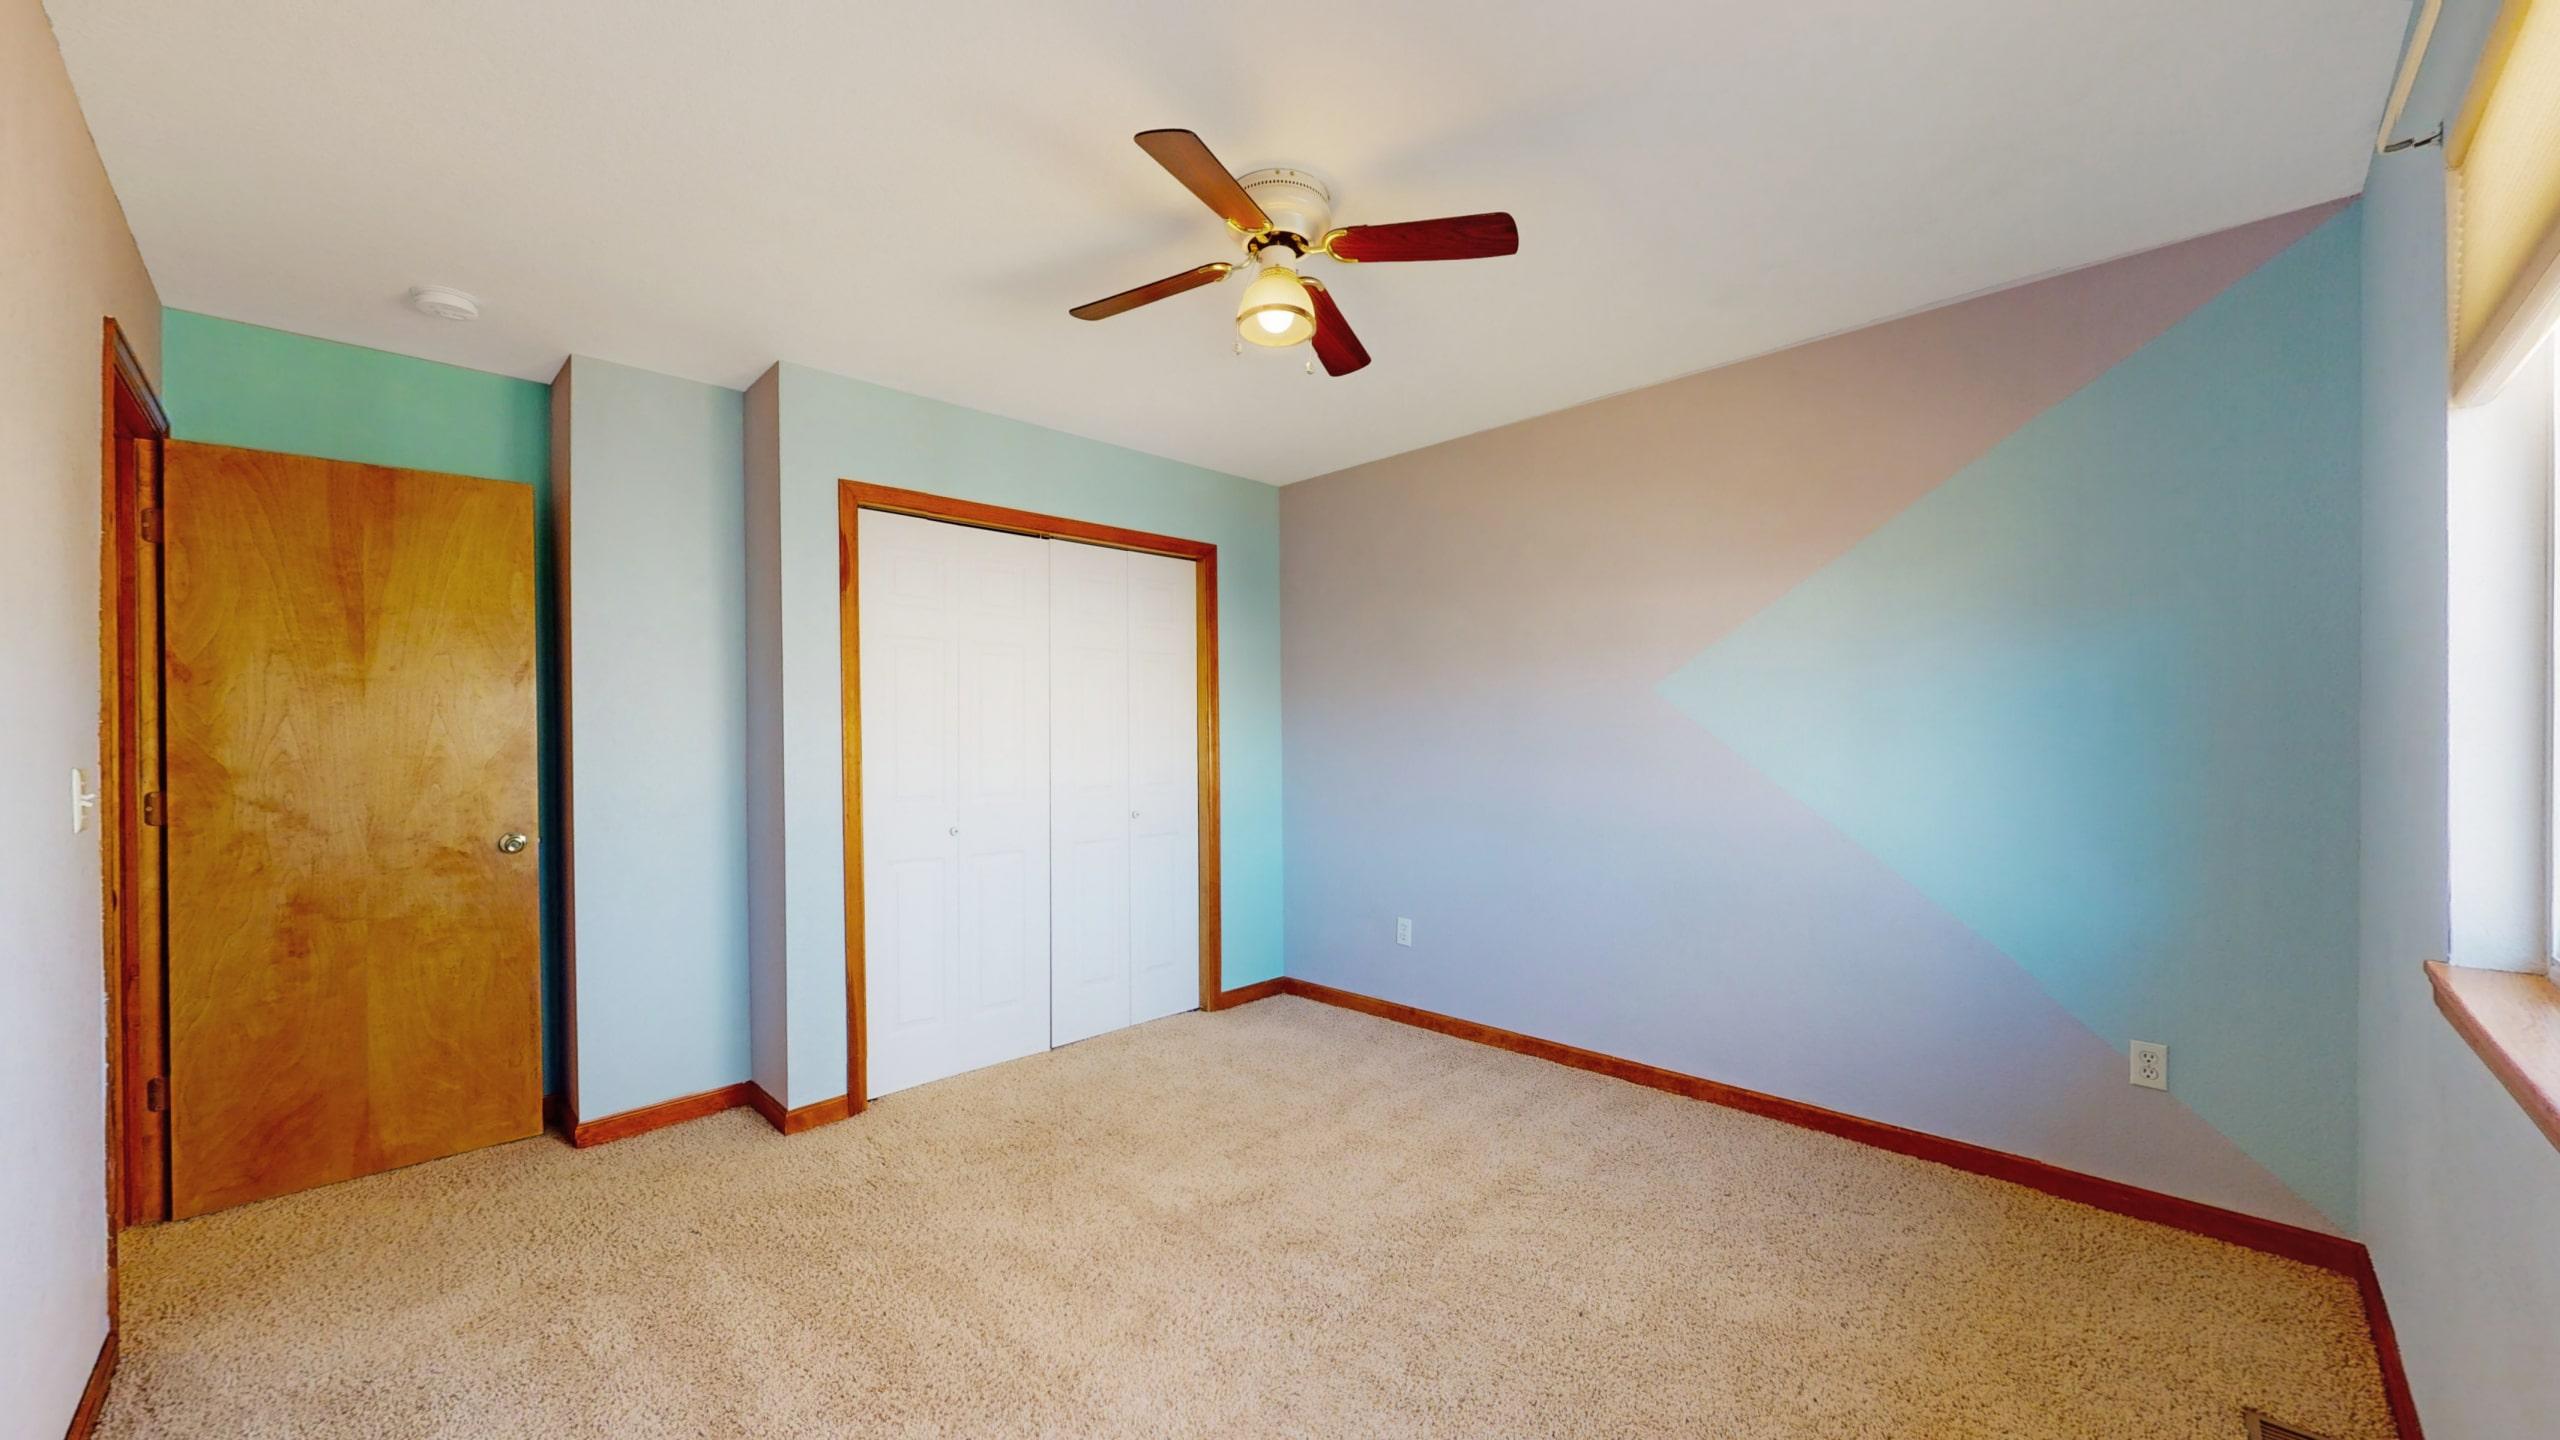 Bedroom with grey walls wood trim and white closet door beige carpet